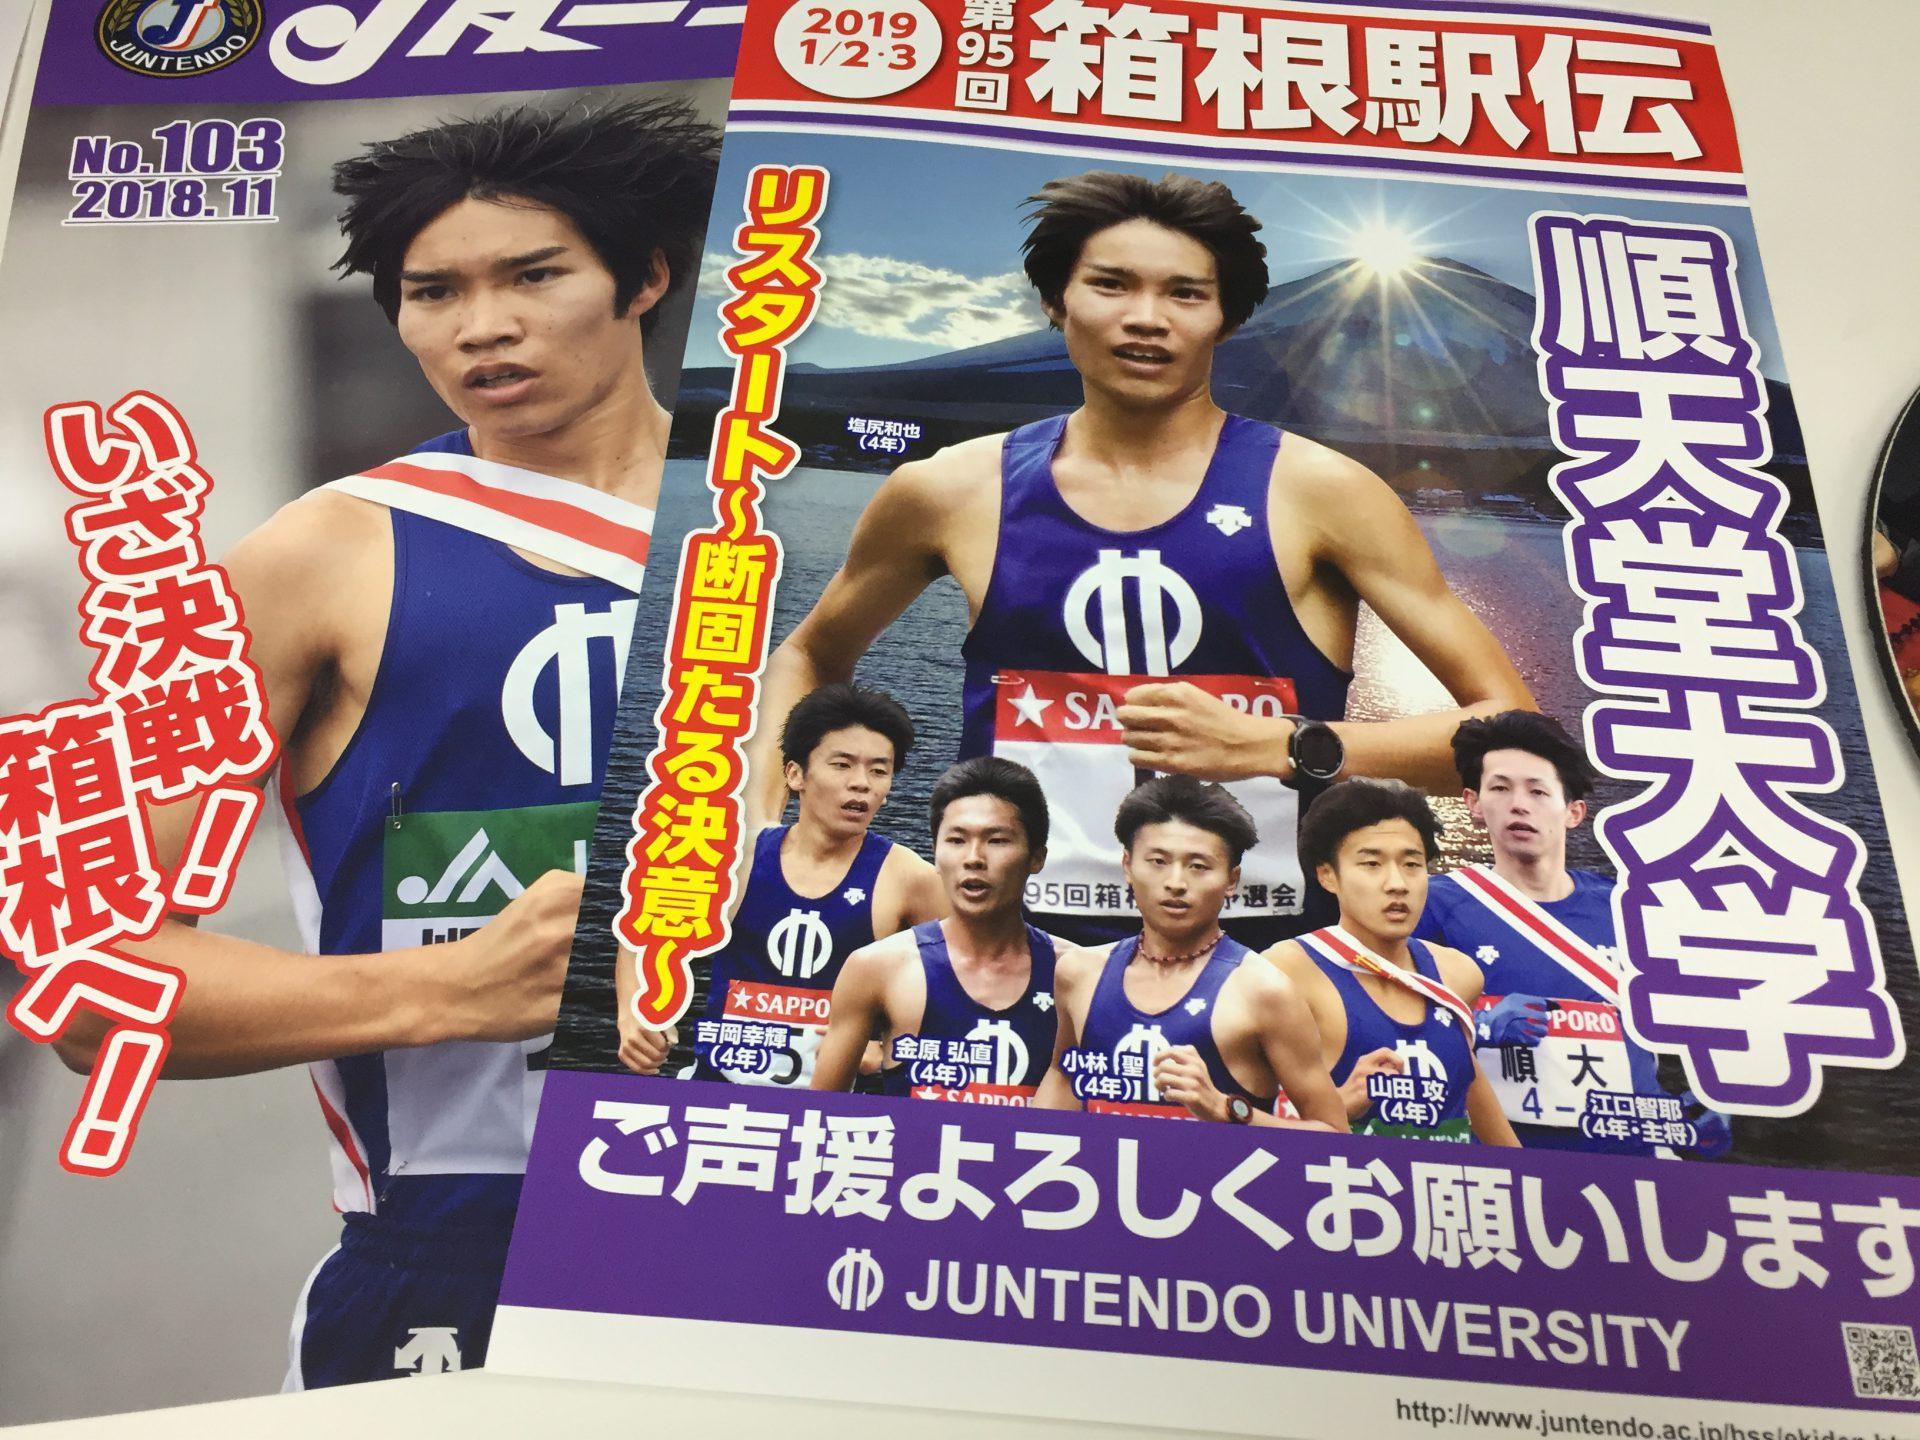 順天堂大学さまよりJ友ニュースが届きました!-リスタート~断固たる決意!~